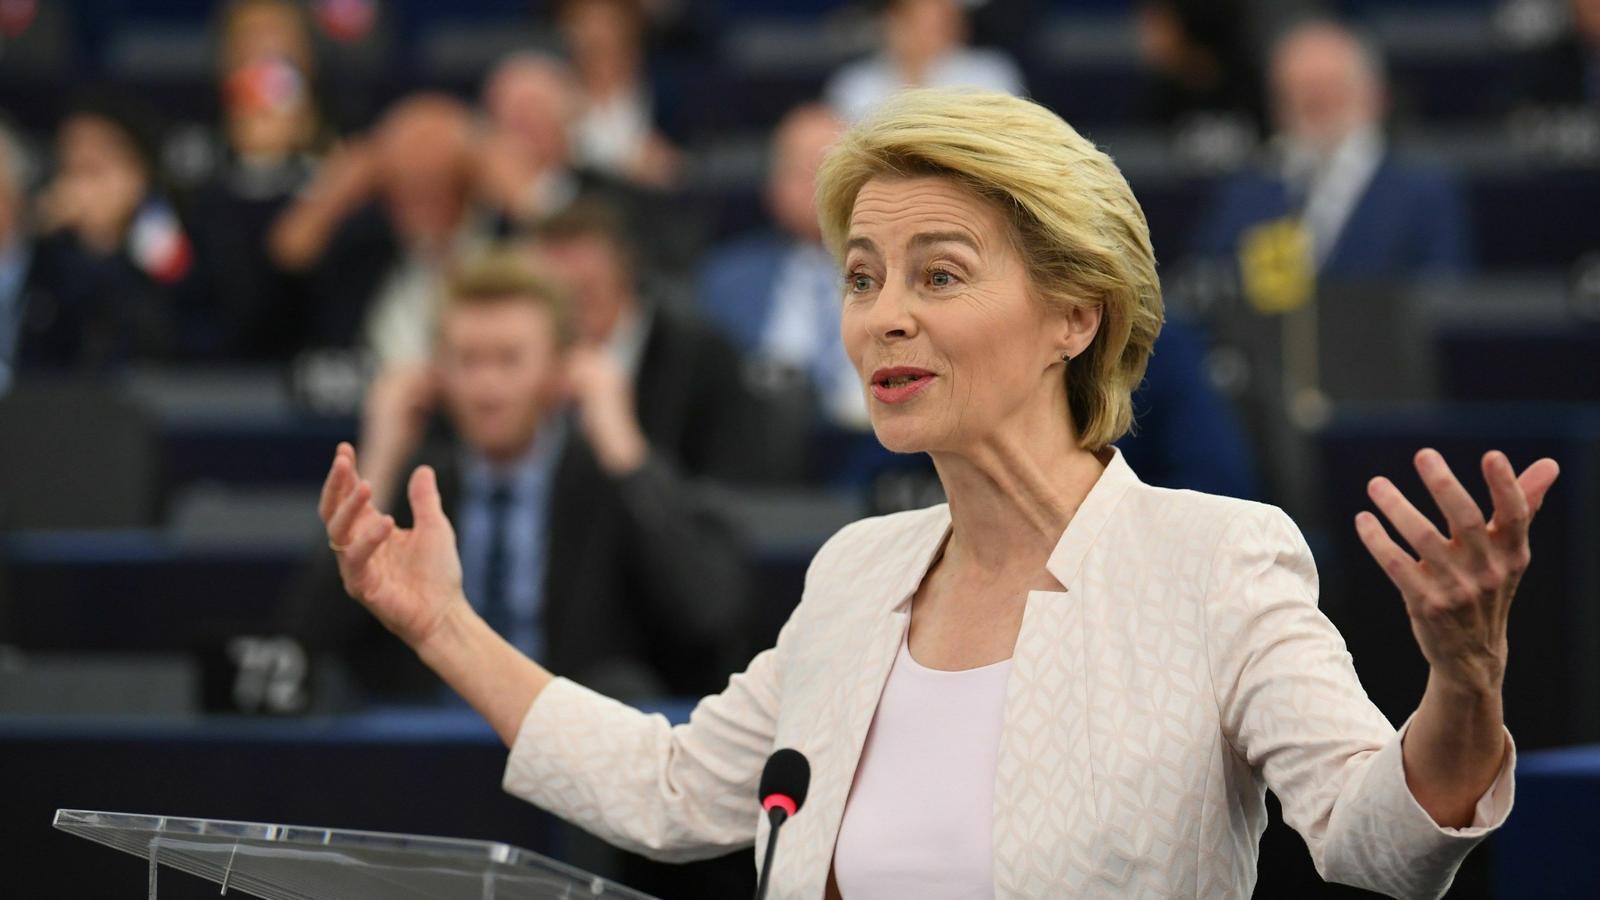 EN DIRECTE | Von der Leyen presenta el nou pressupost de la UE i el pla de recuperació econòmica